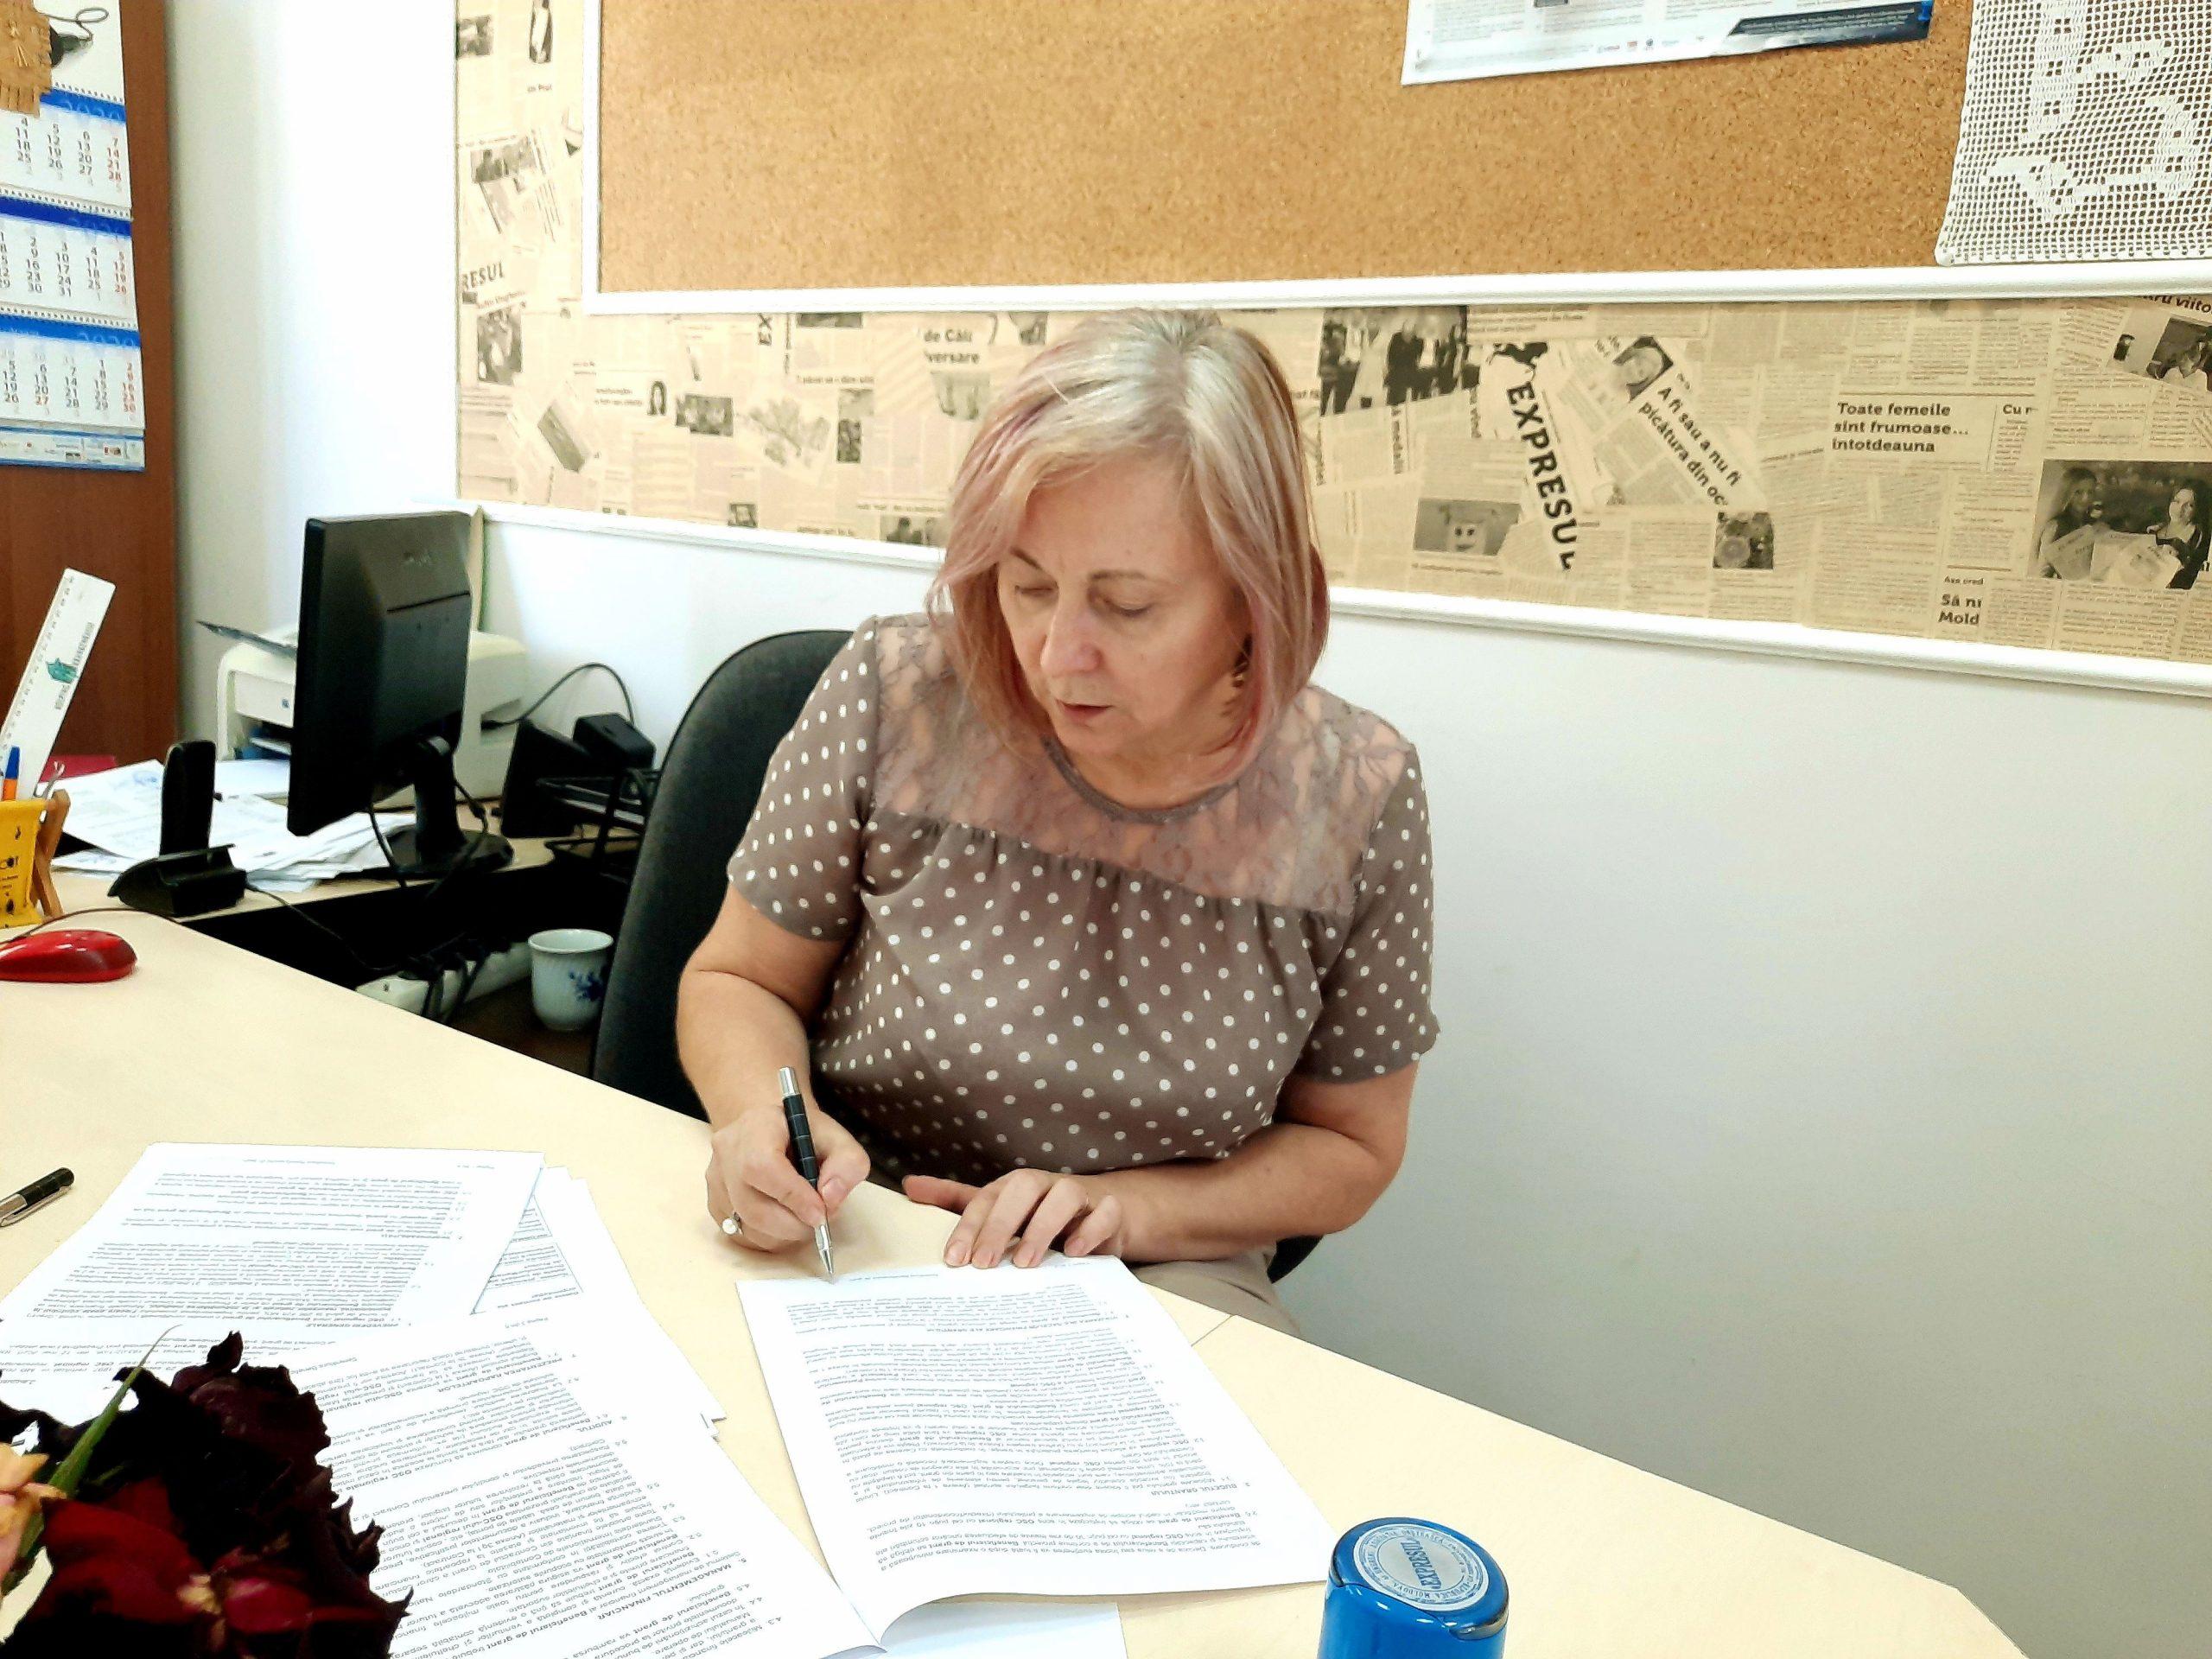 În fotografie: Lucia Bacalu- Jardan, manager de proiect, semnează contractul de grant